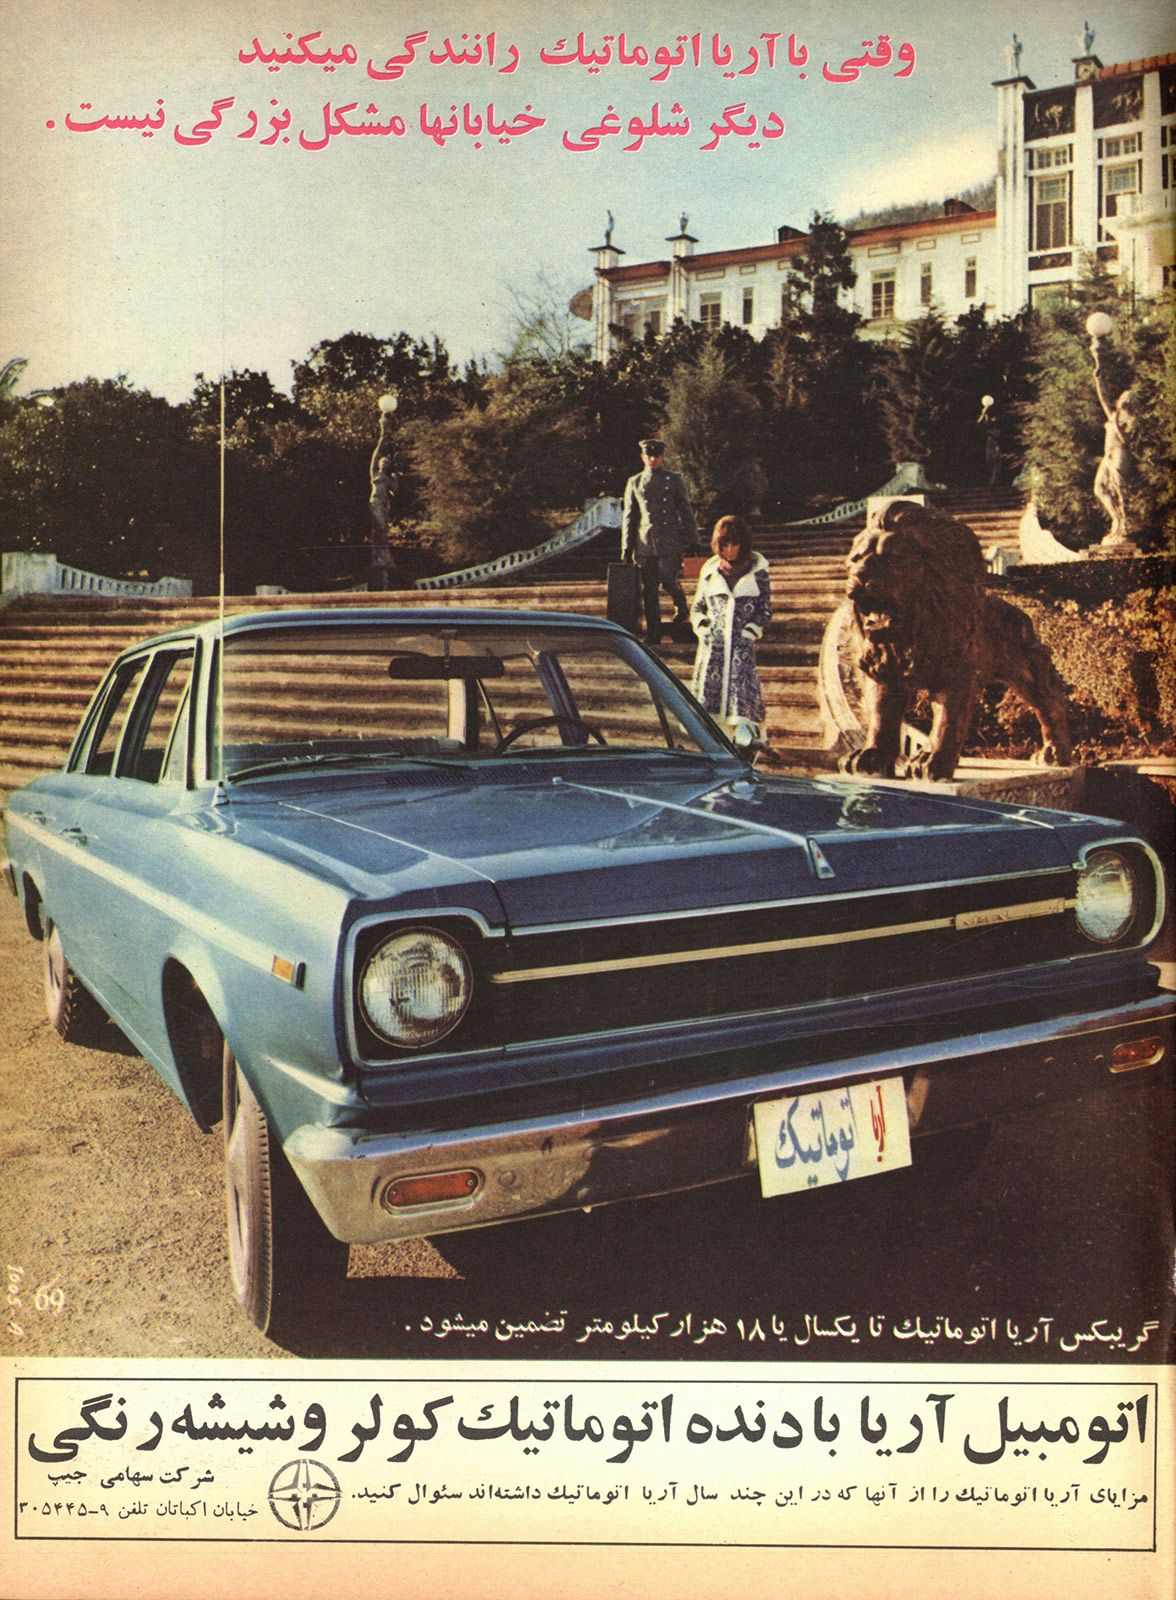 اتومبیل آریا با دنده اتوماتیک کولر و شیشه رنگی تبلیغ پشت جلد مجله زن روز شماره ٣١٣ شنبه ١٤ فروردین ١٣٥٠ Iran Culture Iran Pictures Old Ads